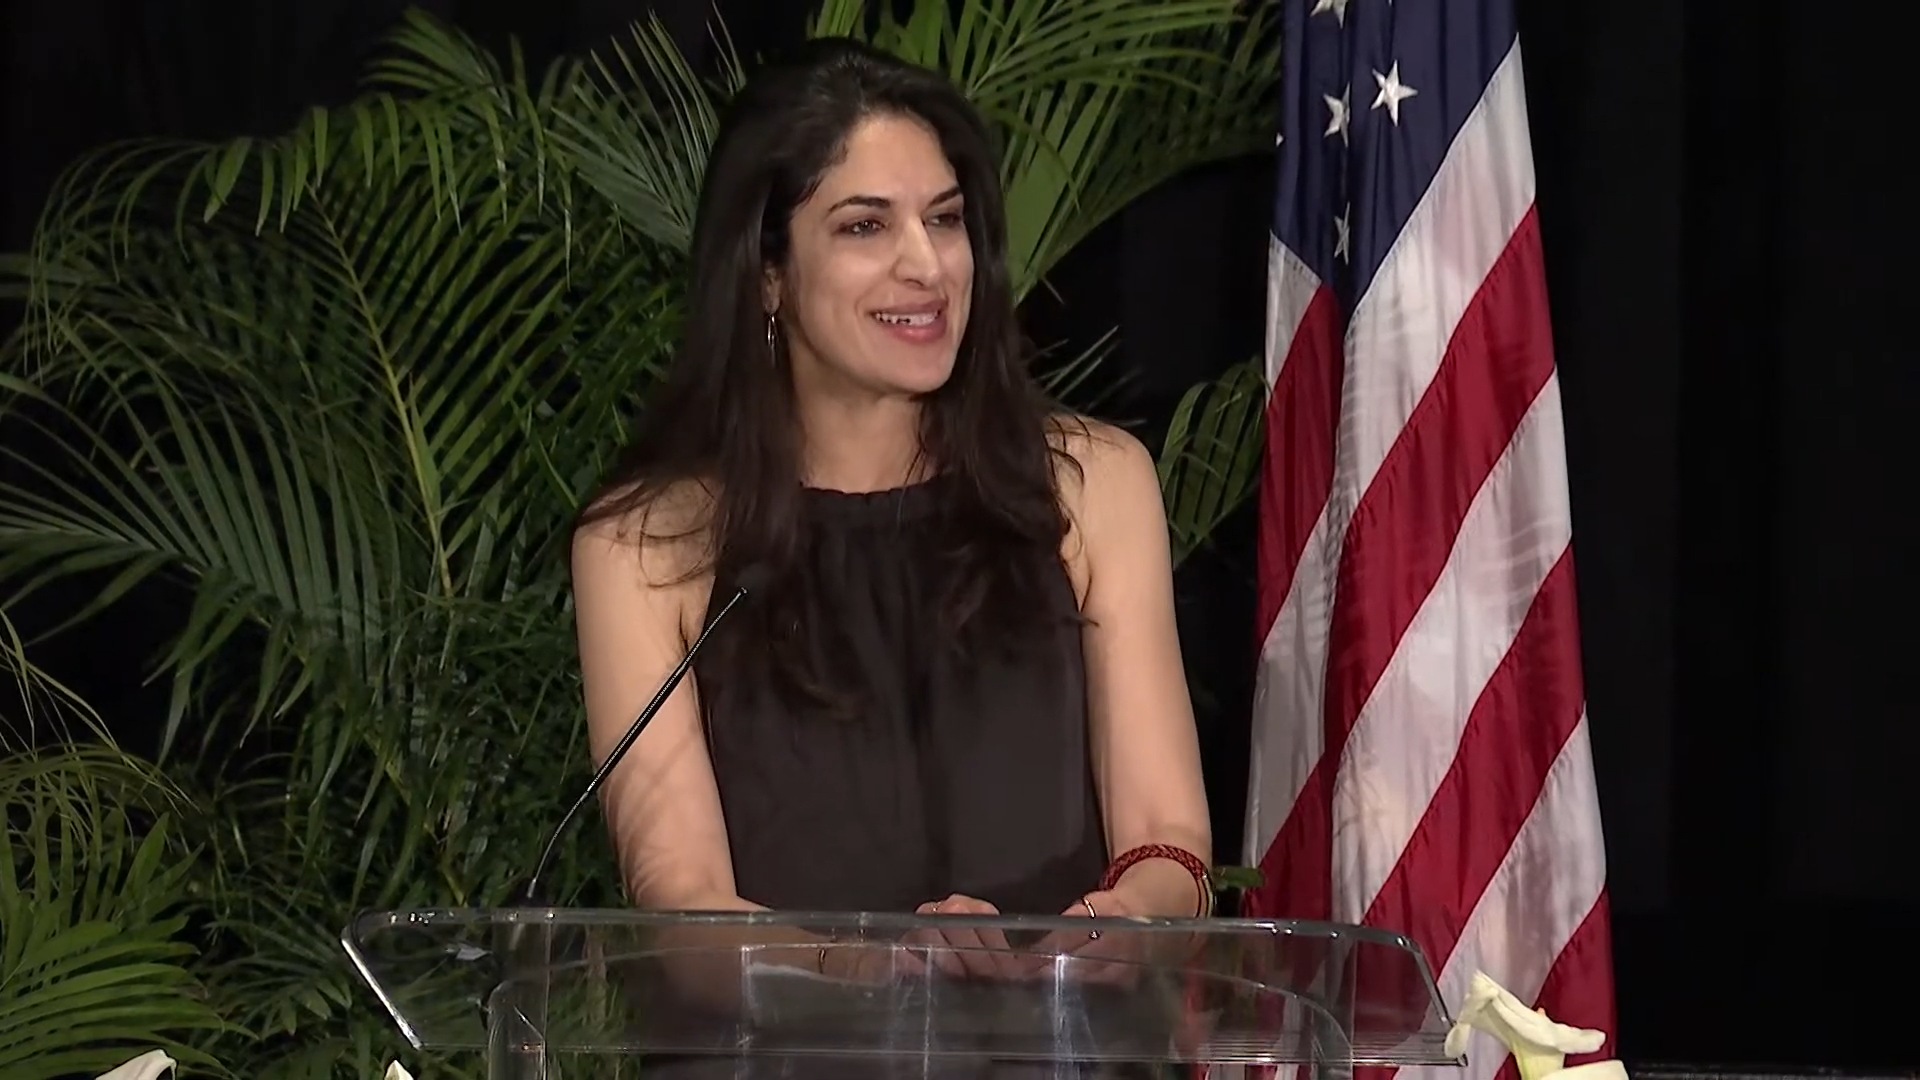 Először lesz palesztin-amerikai tagja az elnök fehér házi csapatának